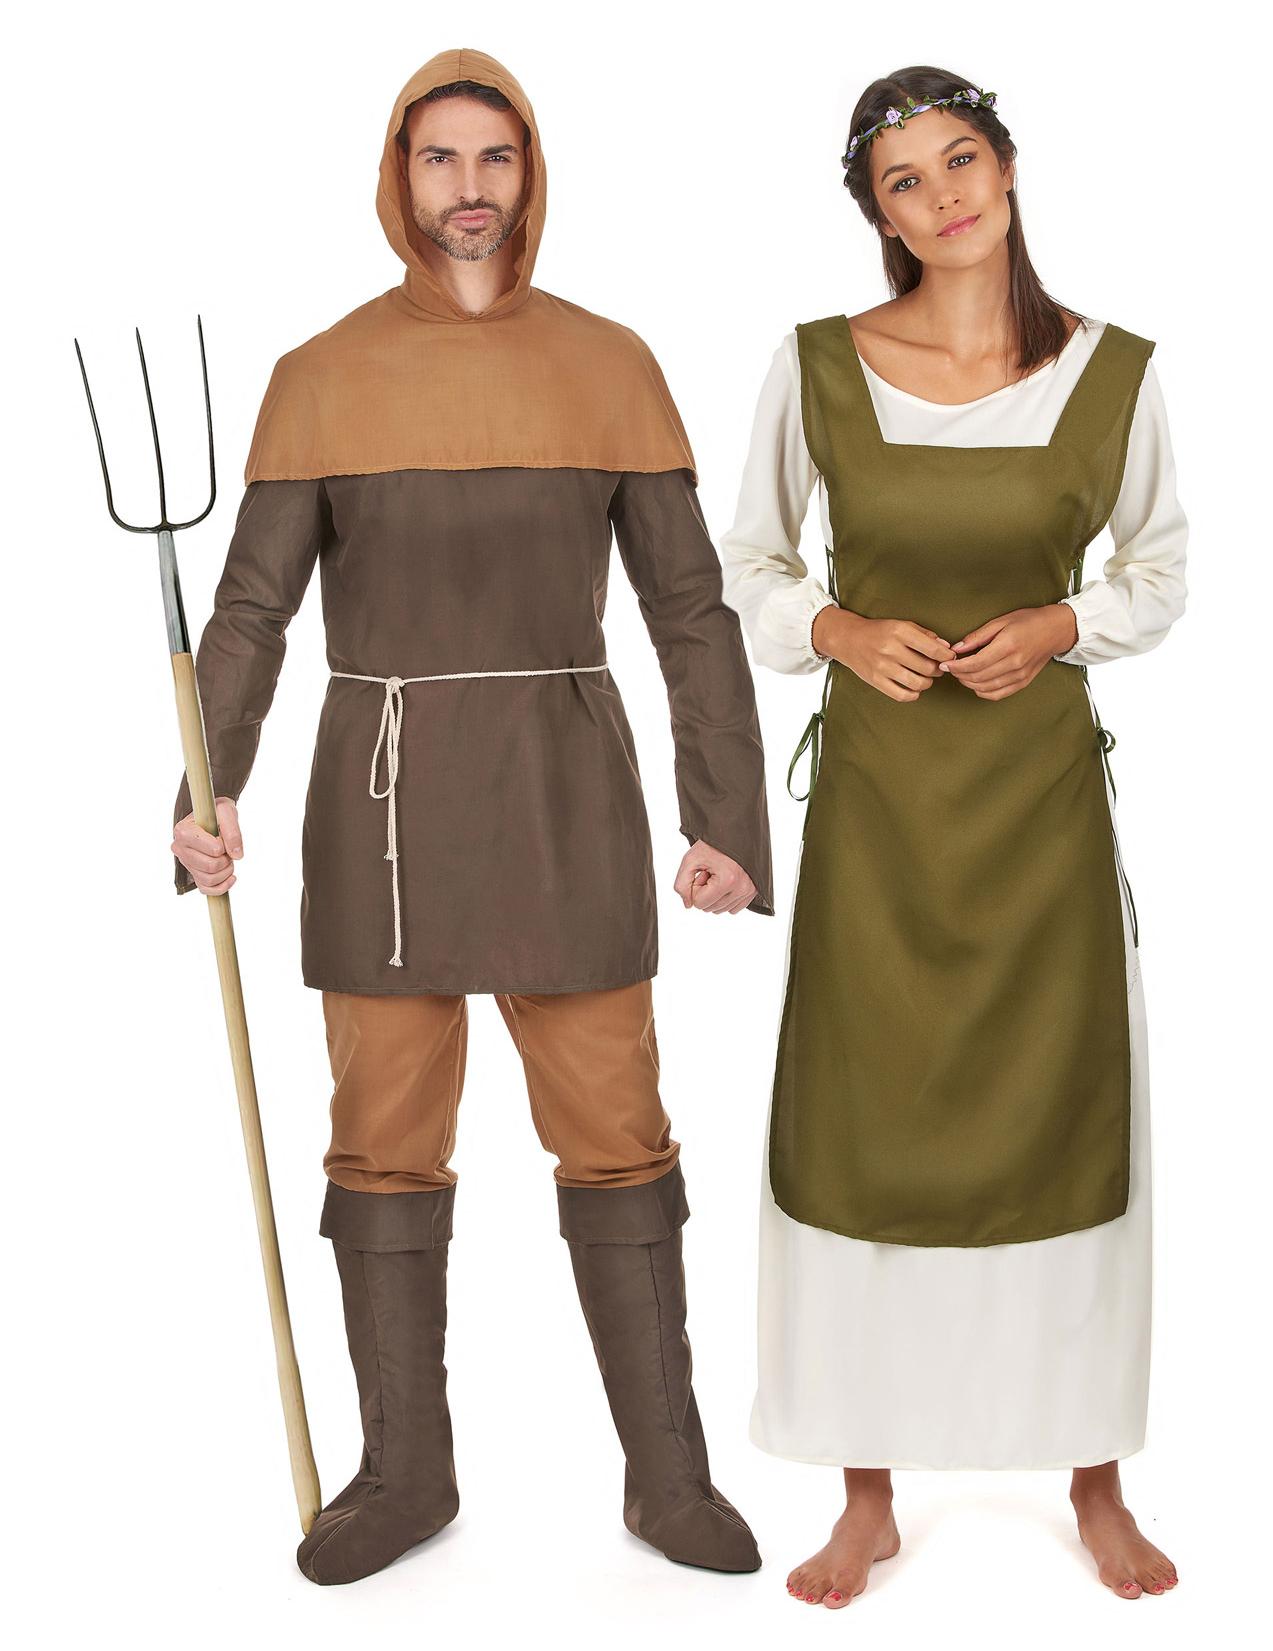 Costume Di Coppia Da Contadini Medievali Costumi Coppiae Vestiti